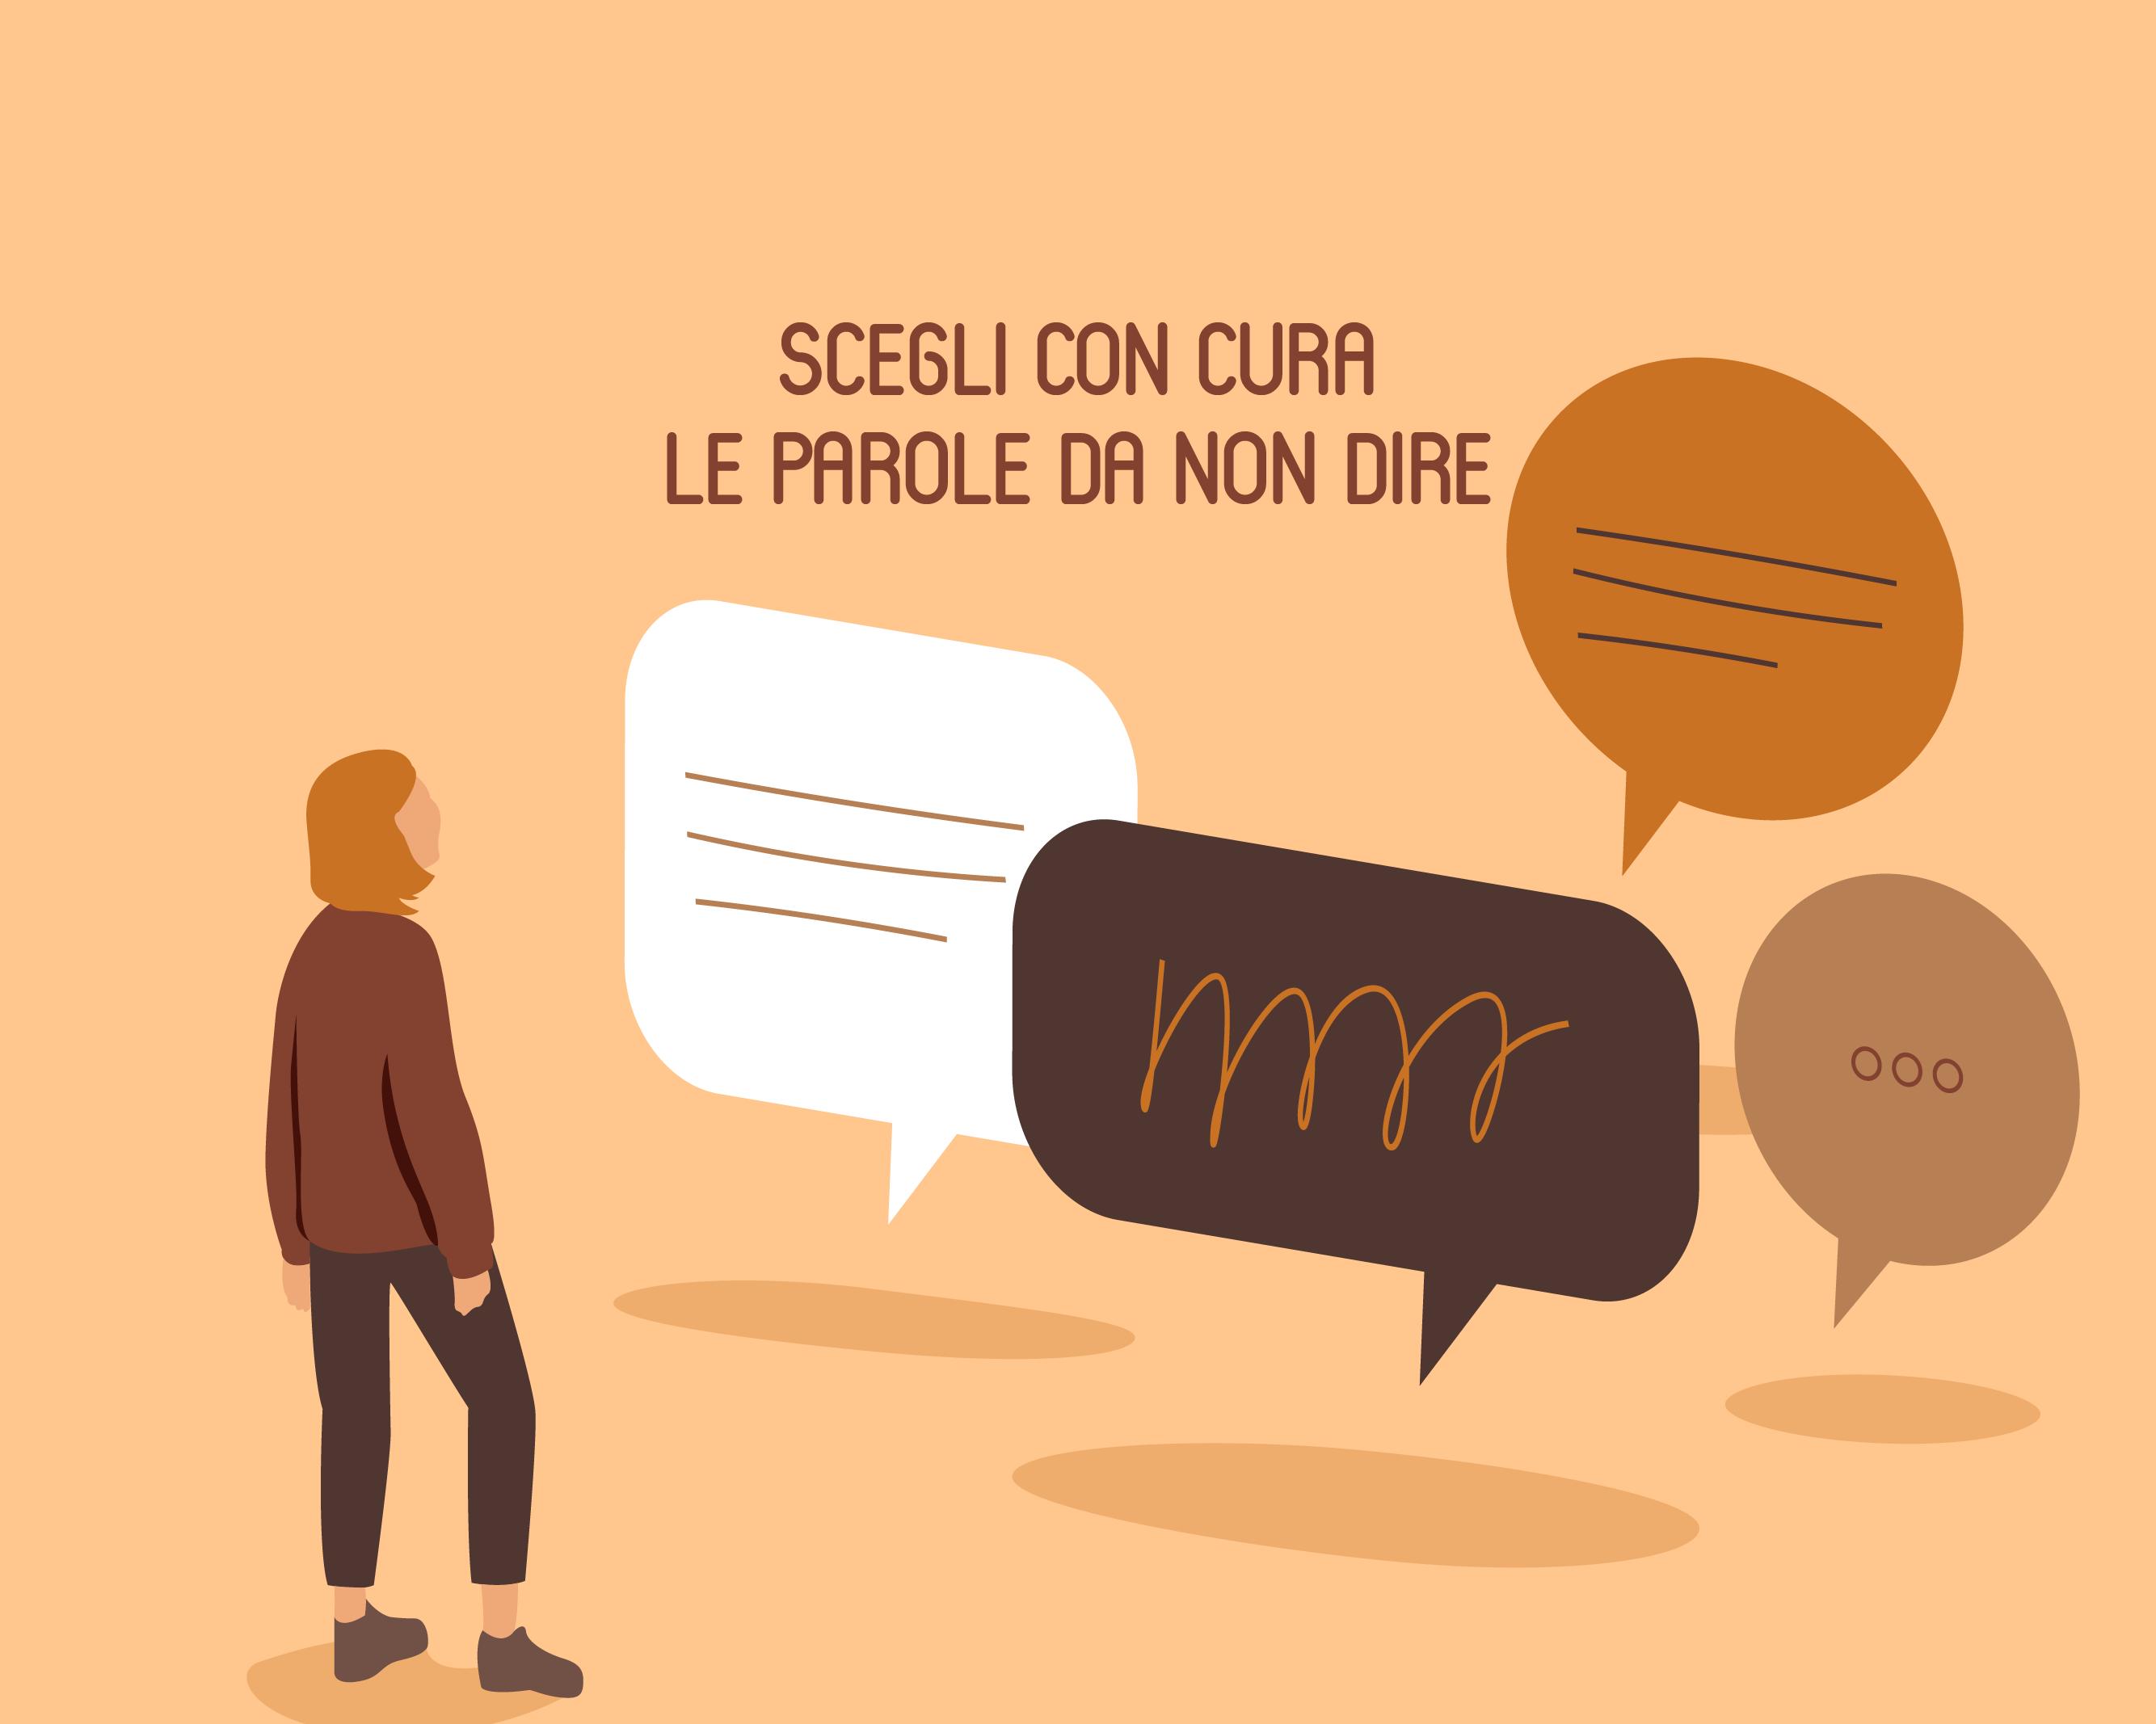 Scegli con cura le parole da non dire